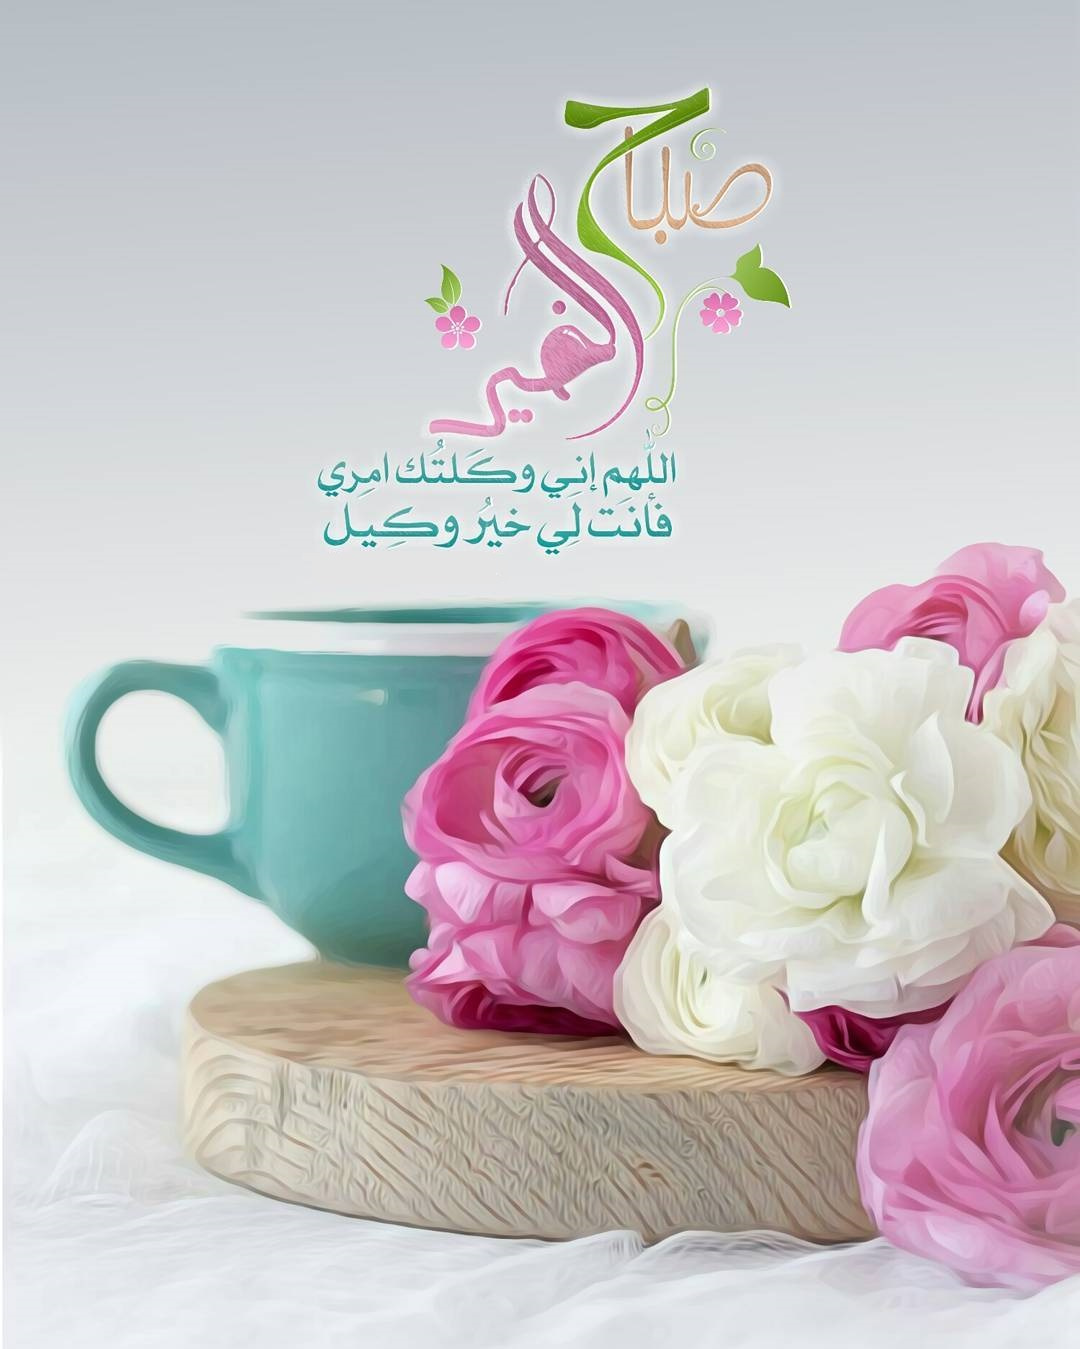 بالصور اجمل صباح الخير , اجمل العبارات الصباحية 3981 6